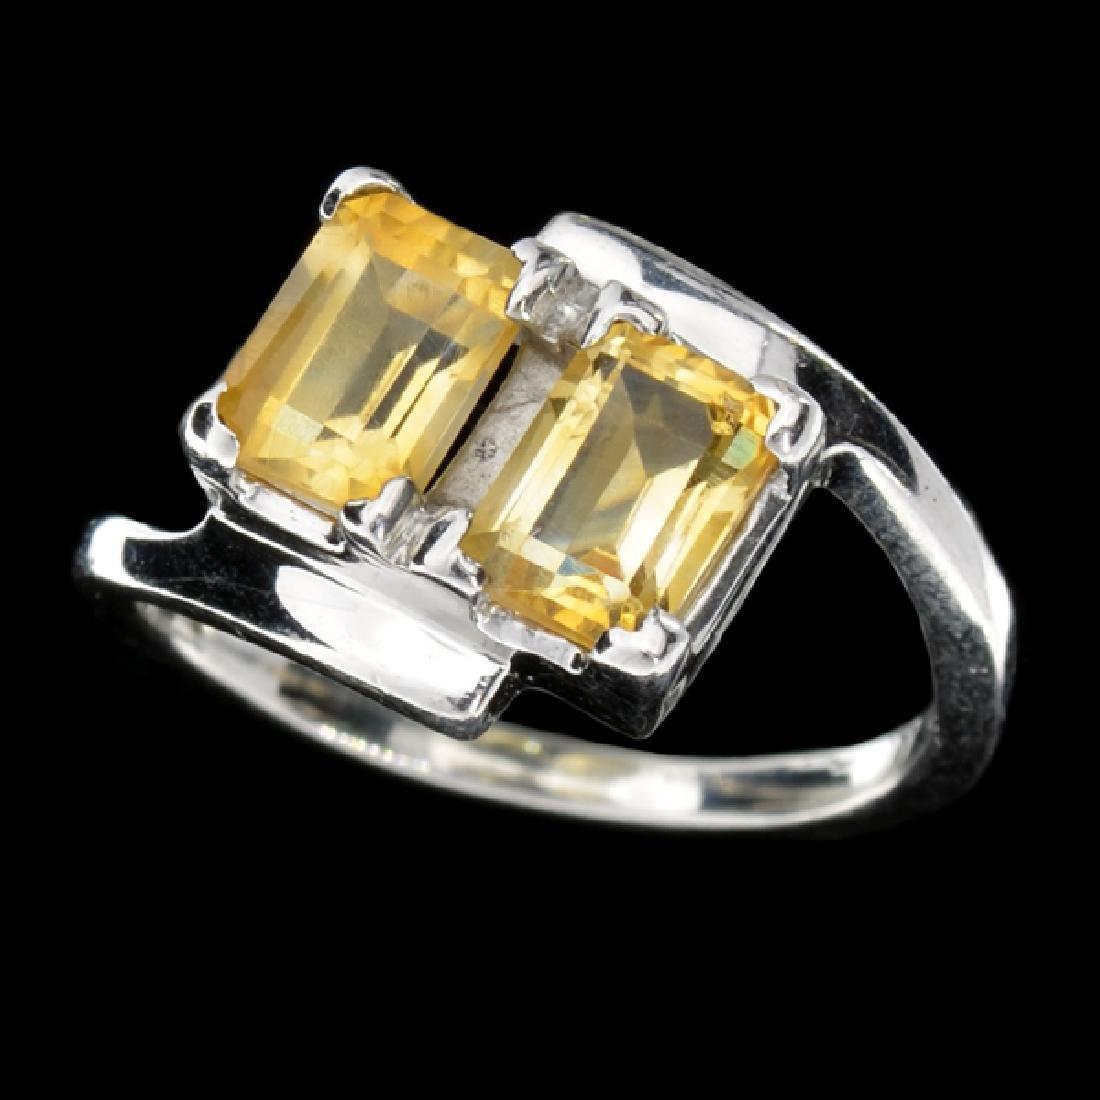 Fine Jewelry Designer Sebastian 2.50CT Emerald Cut Step